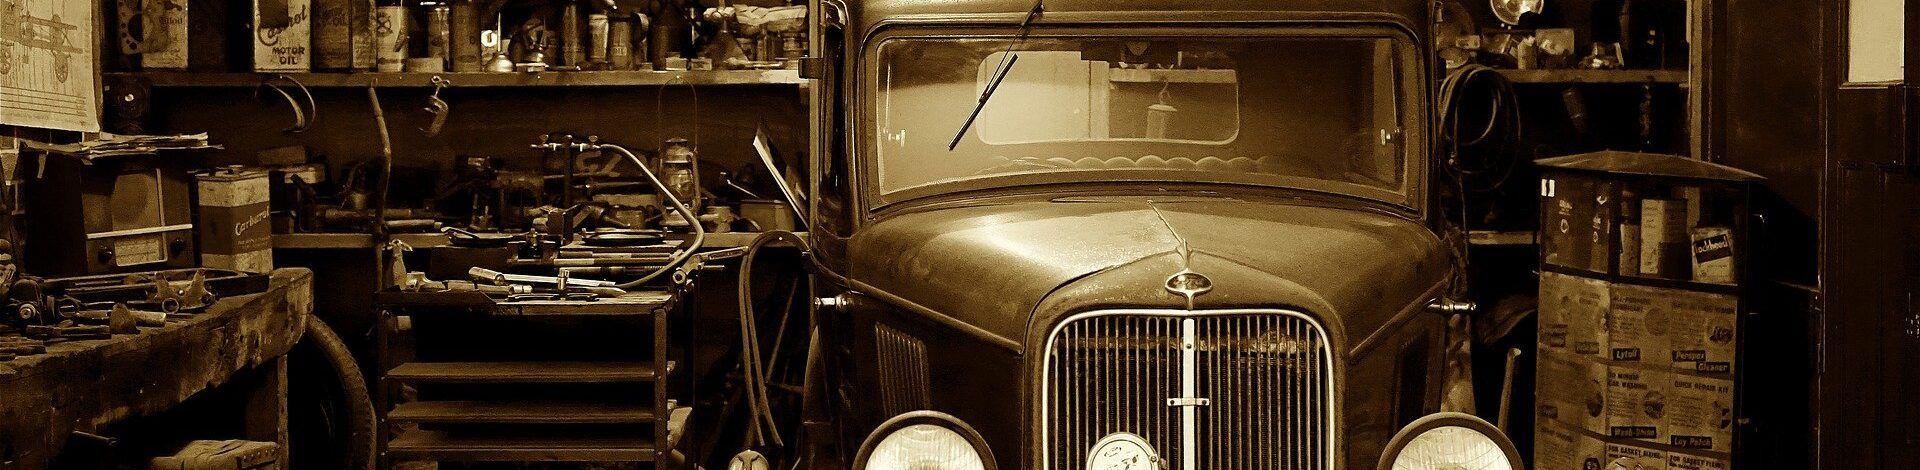 como-matricular-un-coche-como-vehiculo-historico